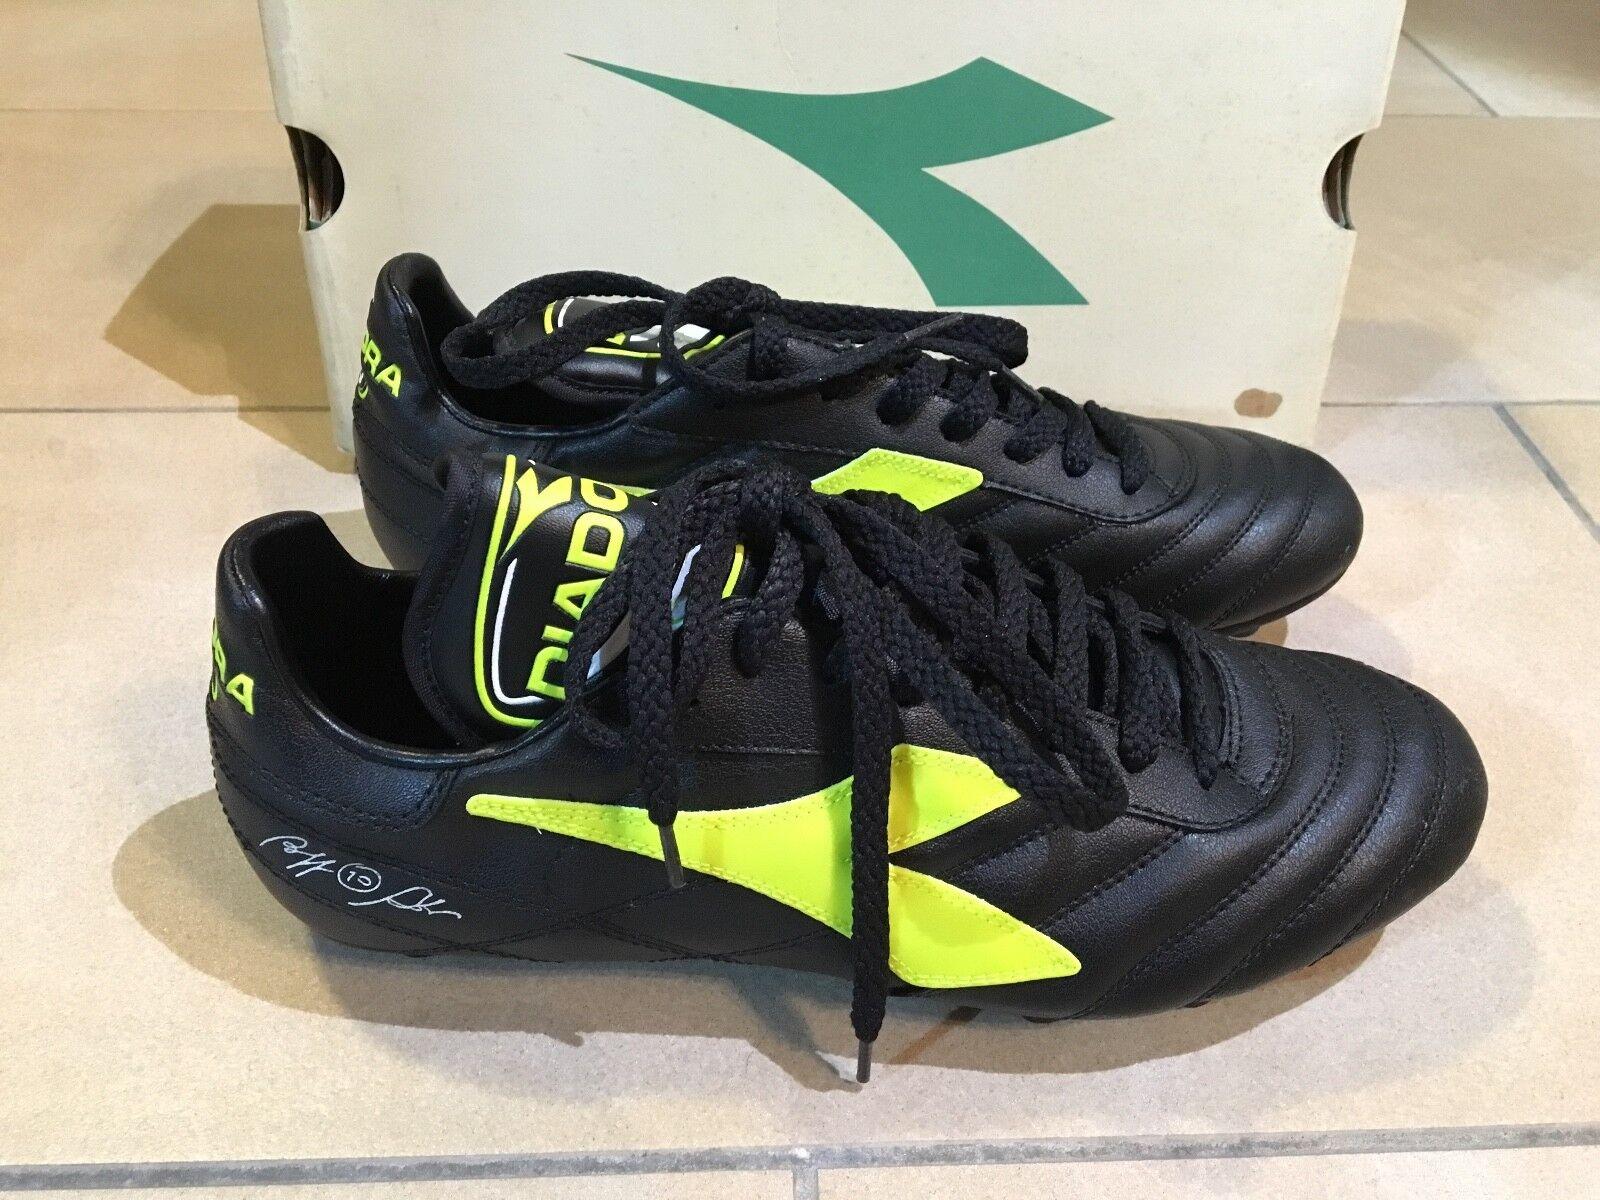 DIADORA GOAL R.B. MD Zapatos DA CALCIO CALCIO CALCIO ROBERTO BAGGIO tg. 10 uk - 44 .5 44.5 eur 748855